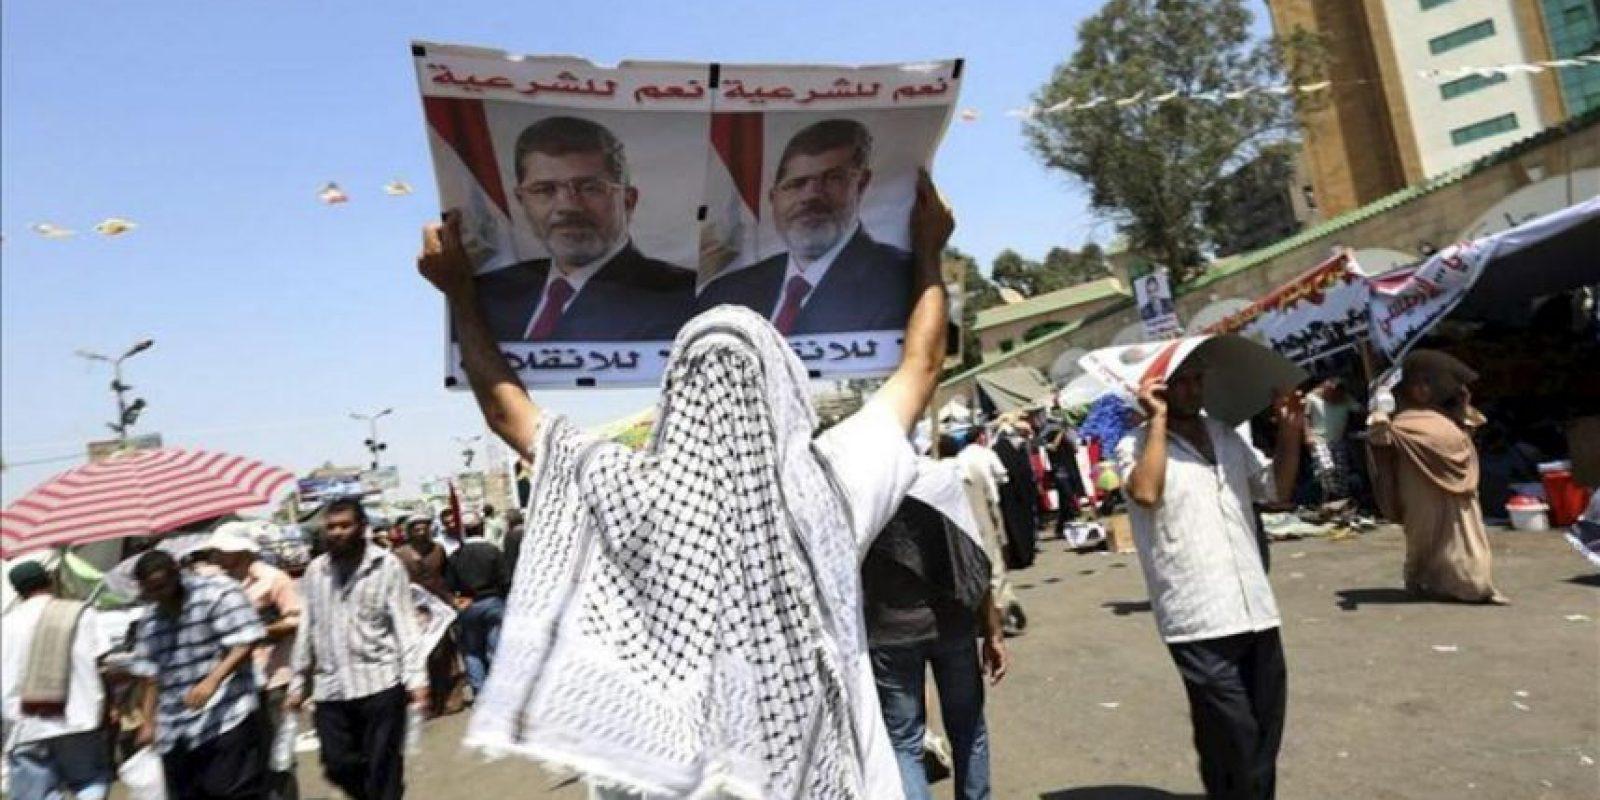 Simpatizantes del depuesto presidente Mohamed Mursi protestan cerca de la mezquita de Rabaa al-Adawiya en El Cairo (Egipto). EFE